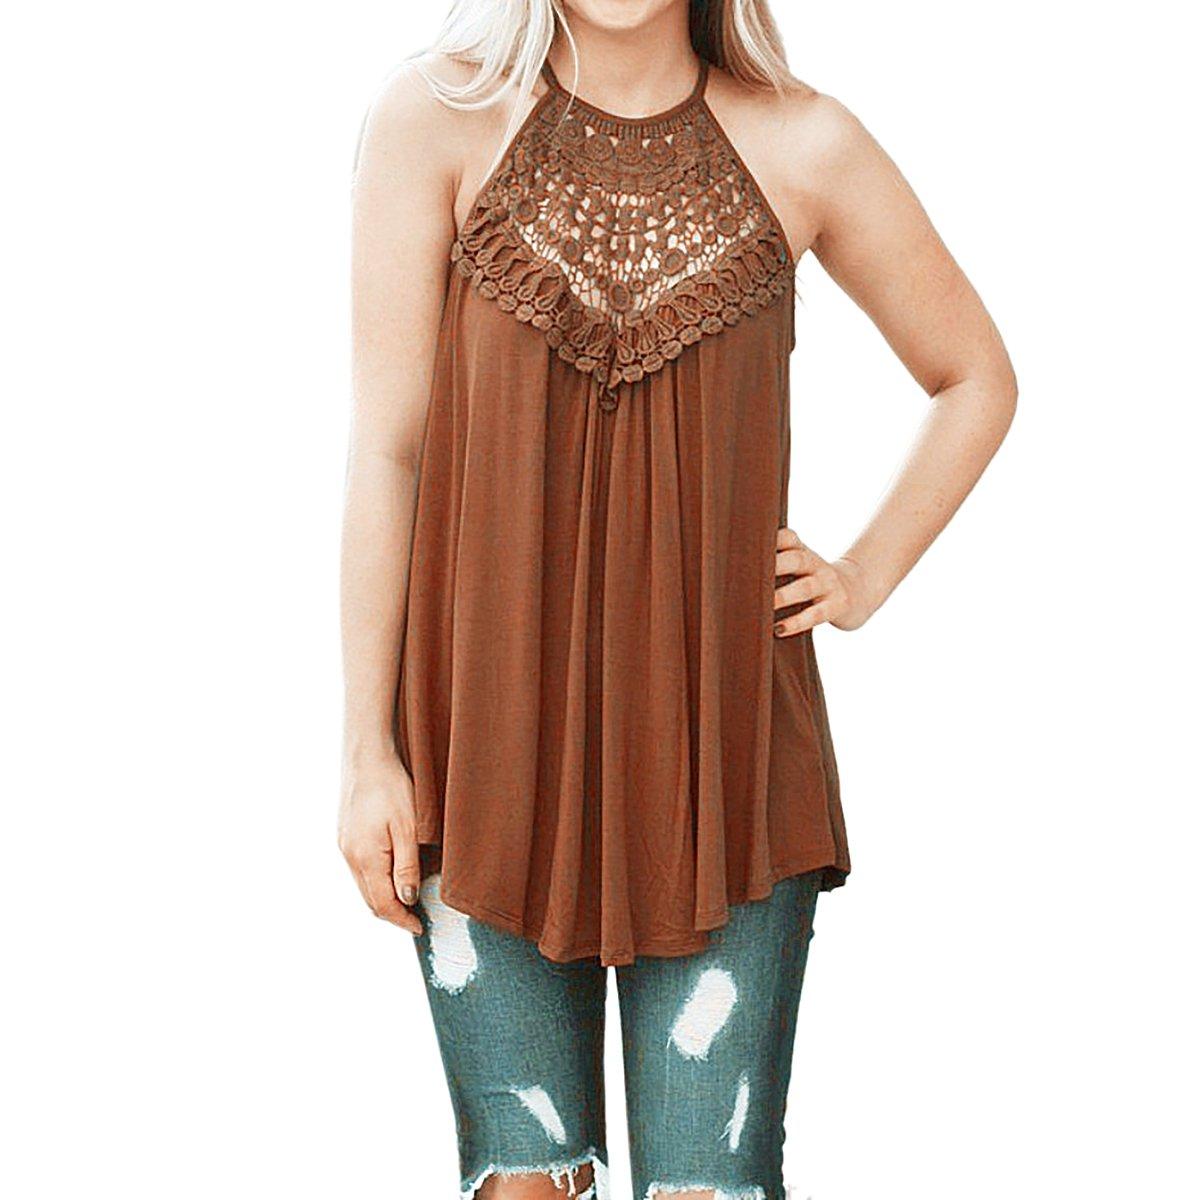 YF Women Summer Cool Casual Sleeveless Tank Top Loose Lace T-Shirt Top Yin Feng YF120657B